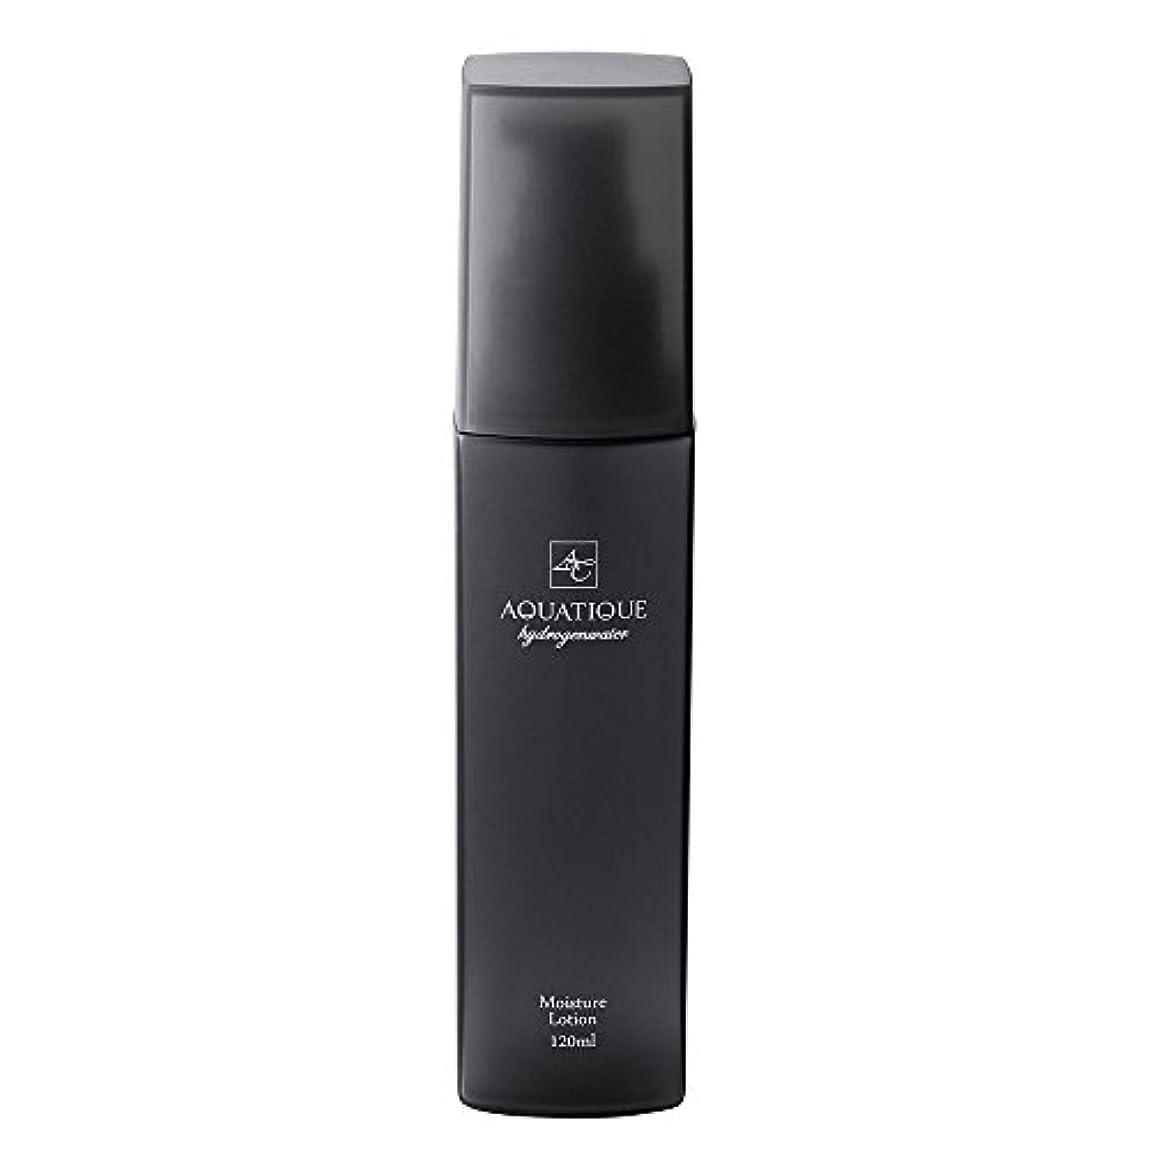 毎月弱い保守的水素化粧水 アクアティーク モイスチャーローション 120ml (化粧水)